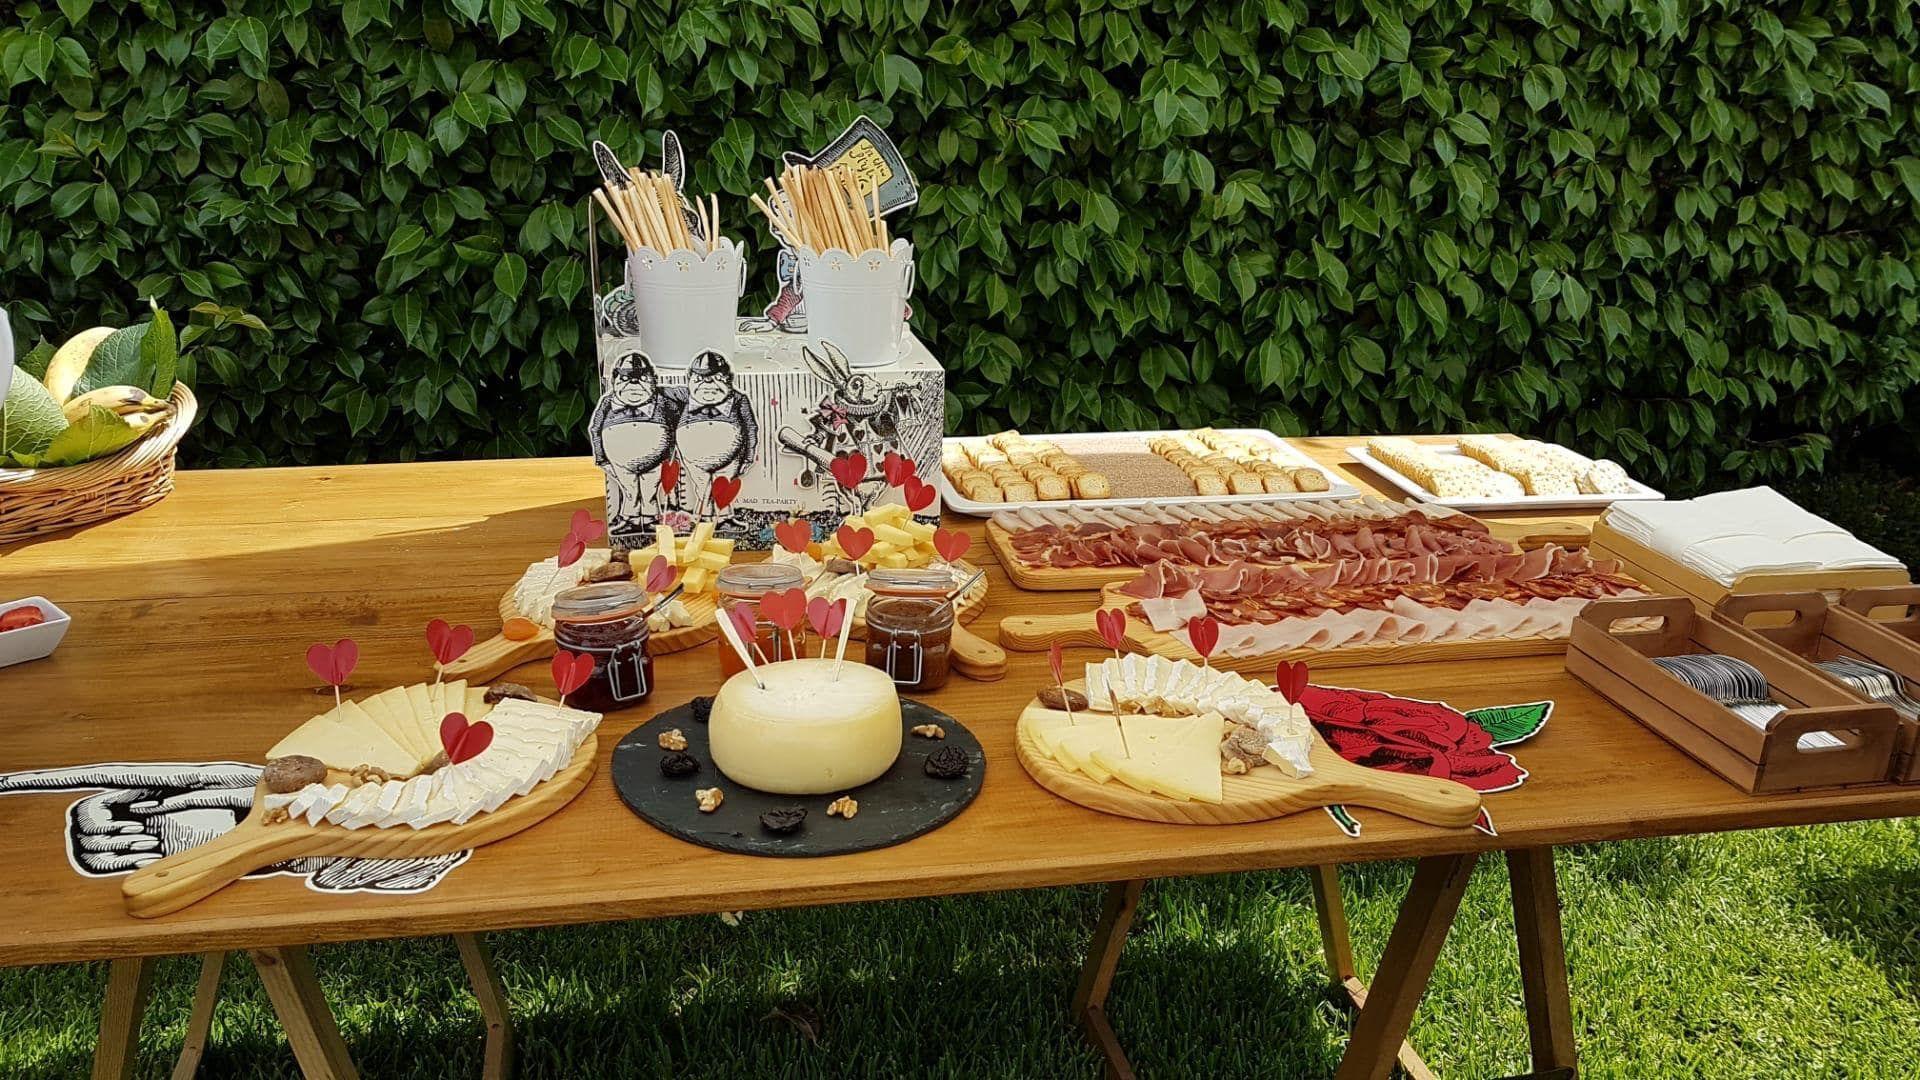 mesa de jardim com enchidos e queijos tracionais